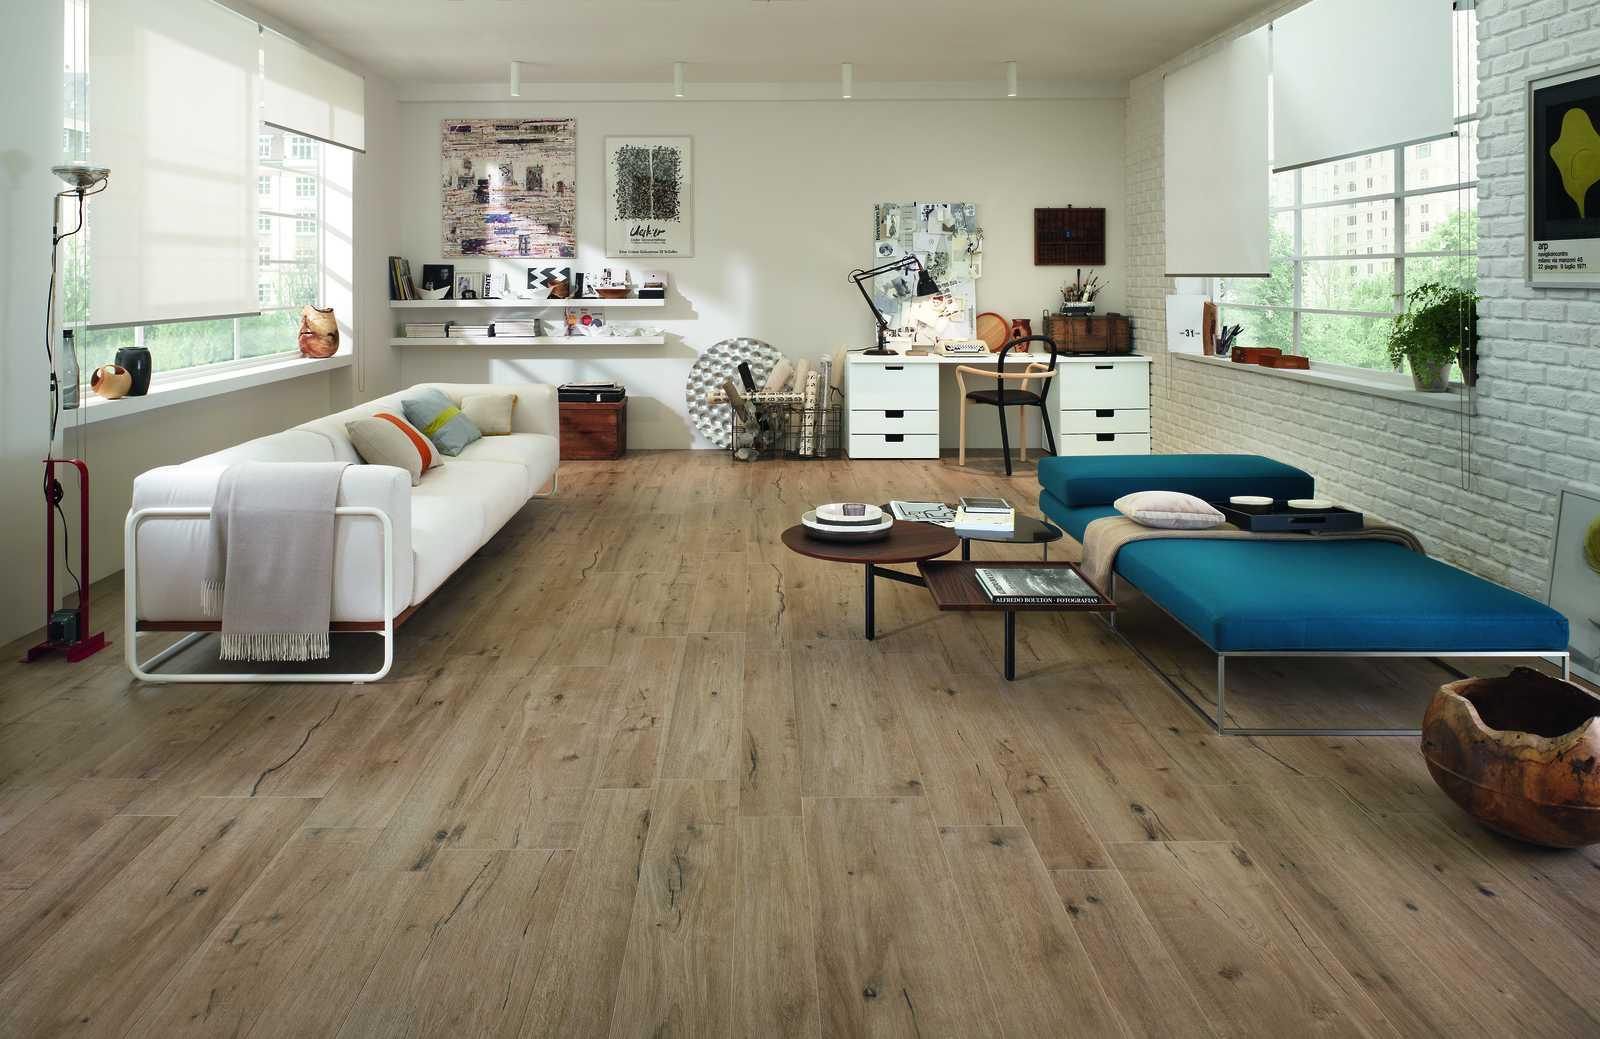 Collezione woodtale pavimenti in gres effetto legno ragno for Leroy merlin pavimenti gres effetto legno